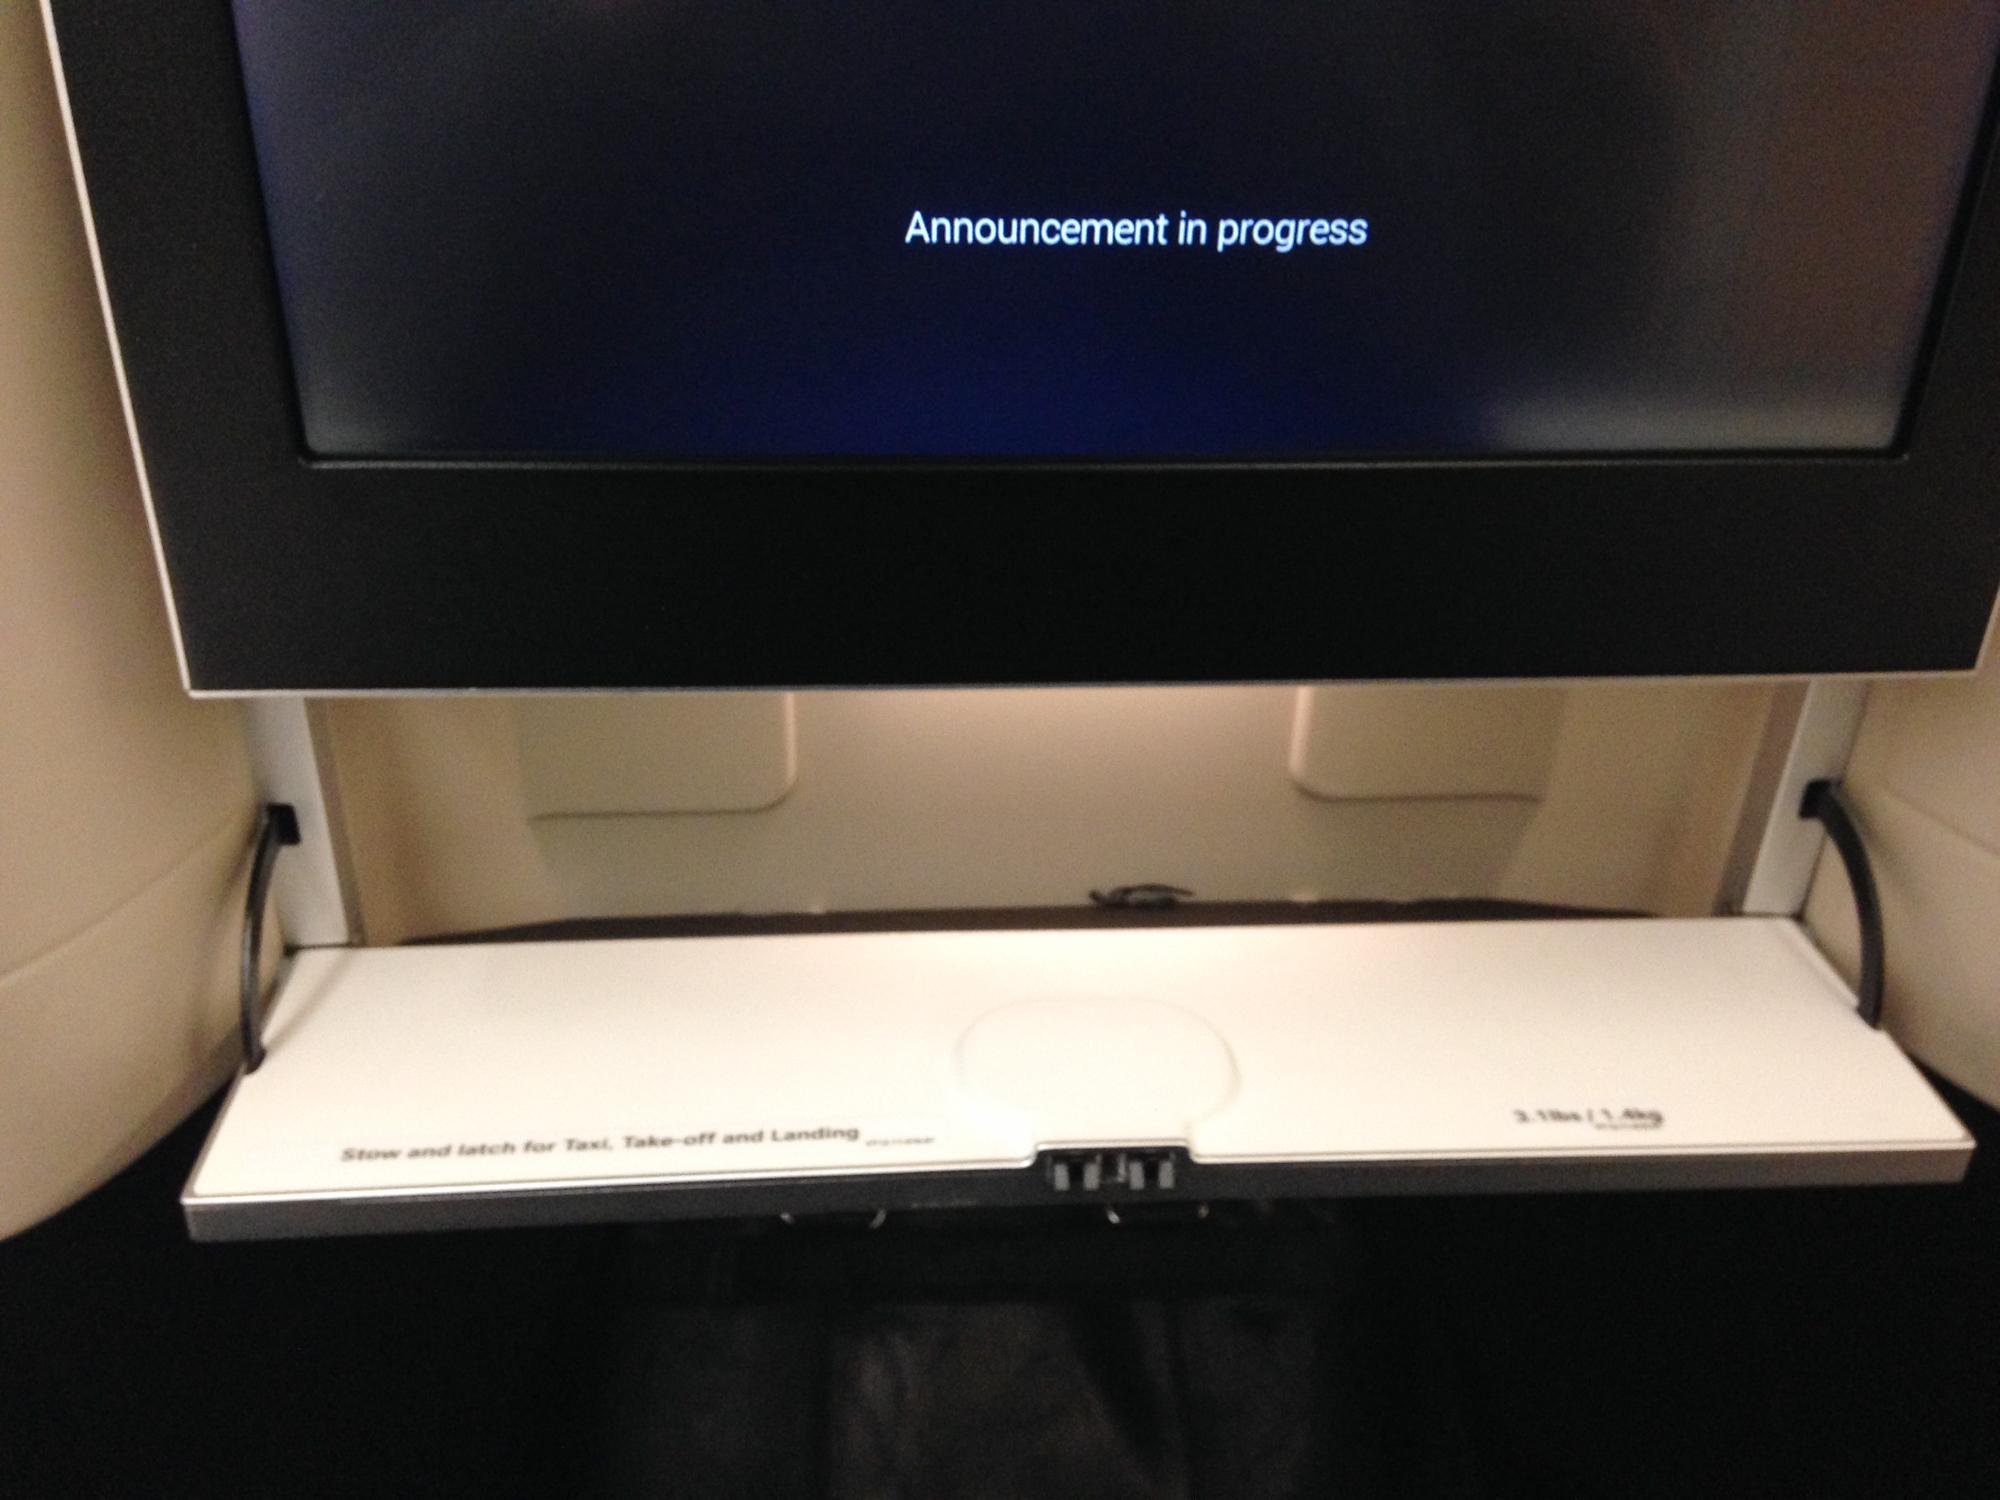 Swiss Boeing 777 Business Class Ablage Bildschirm